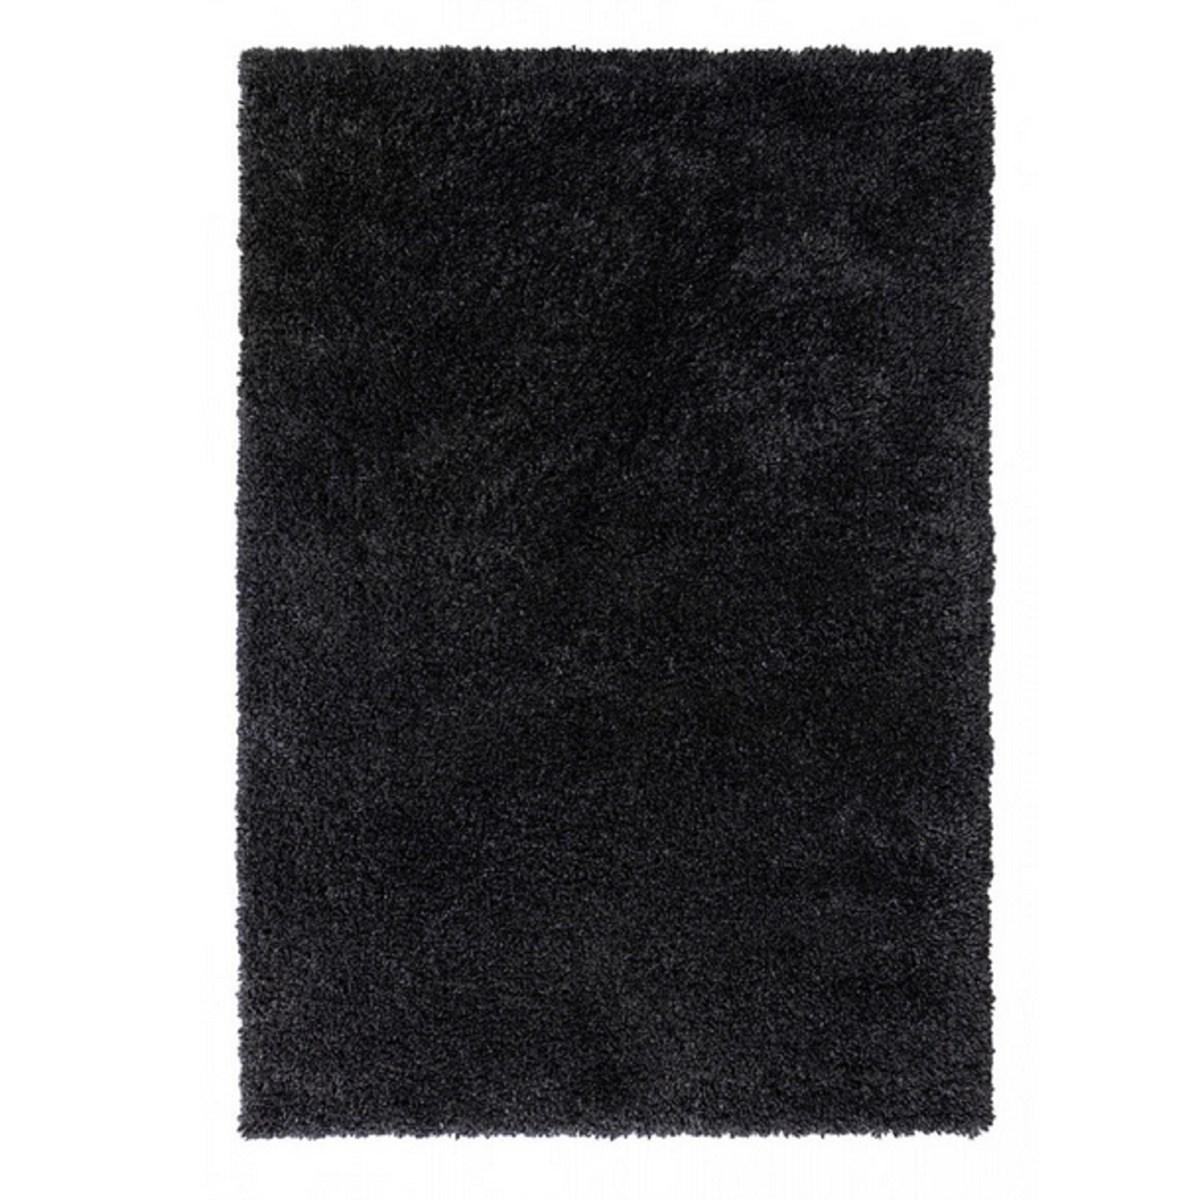 Tapis shaggy en Polypropylène Noir 160x230 cm